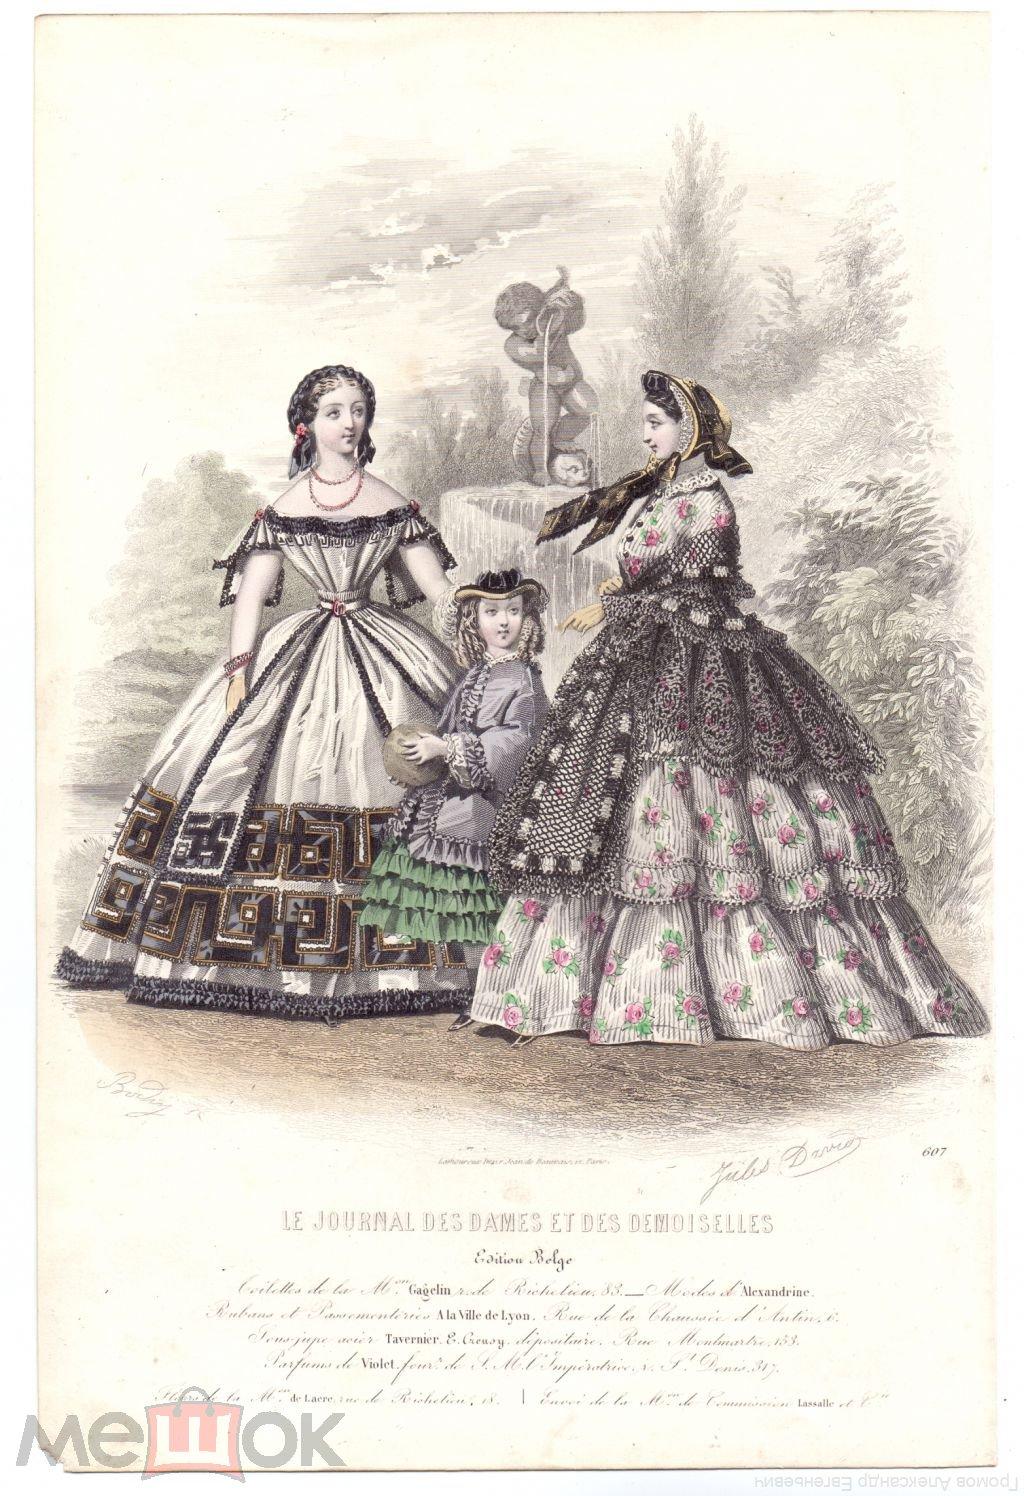 франция литография ручная раскраска конец 19 века размер 283 на 188 мм мода 2863